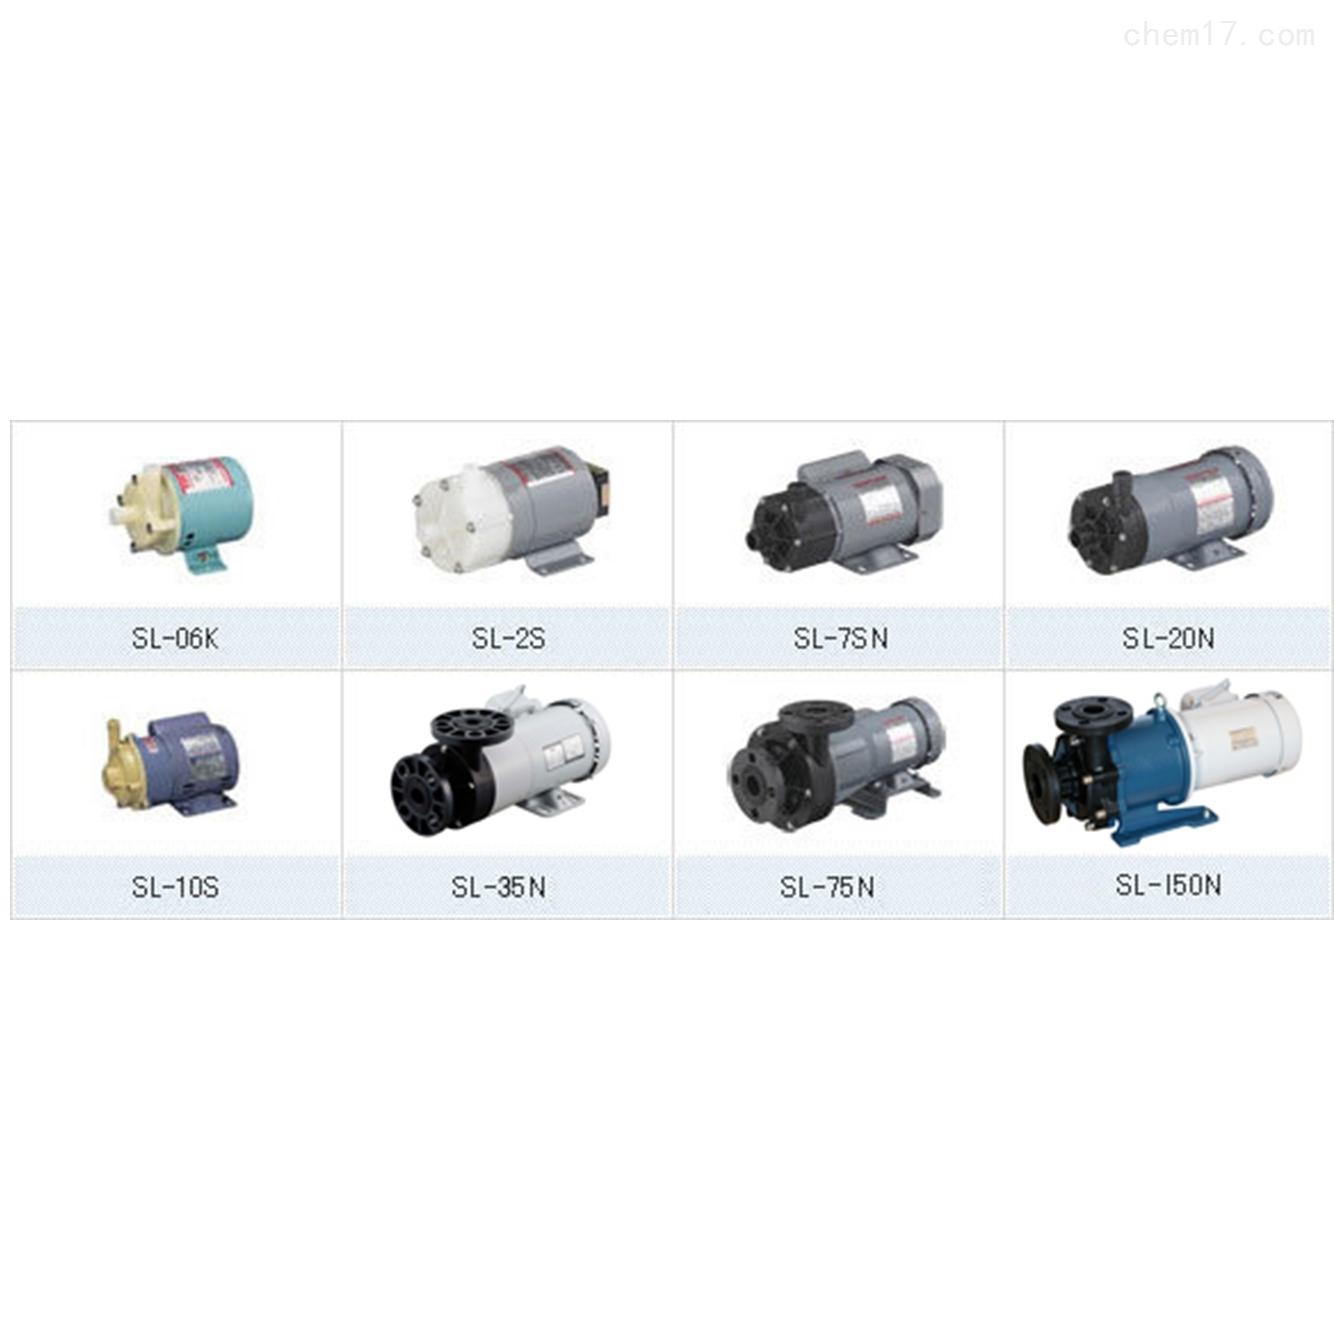 日本elepon可输送酸性和碱性灯液体的磁力泵